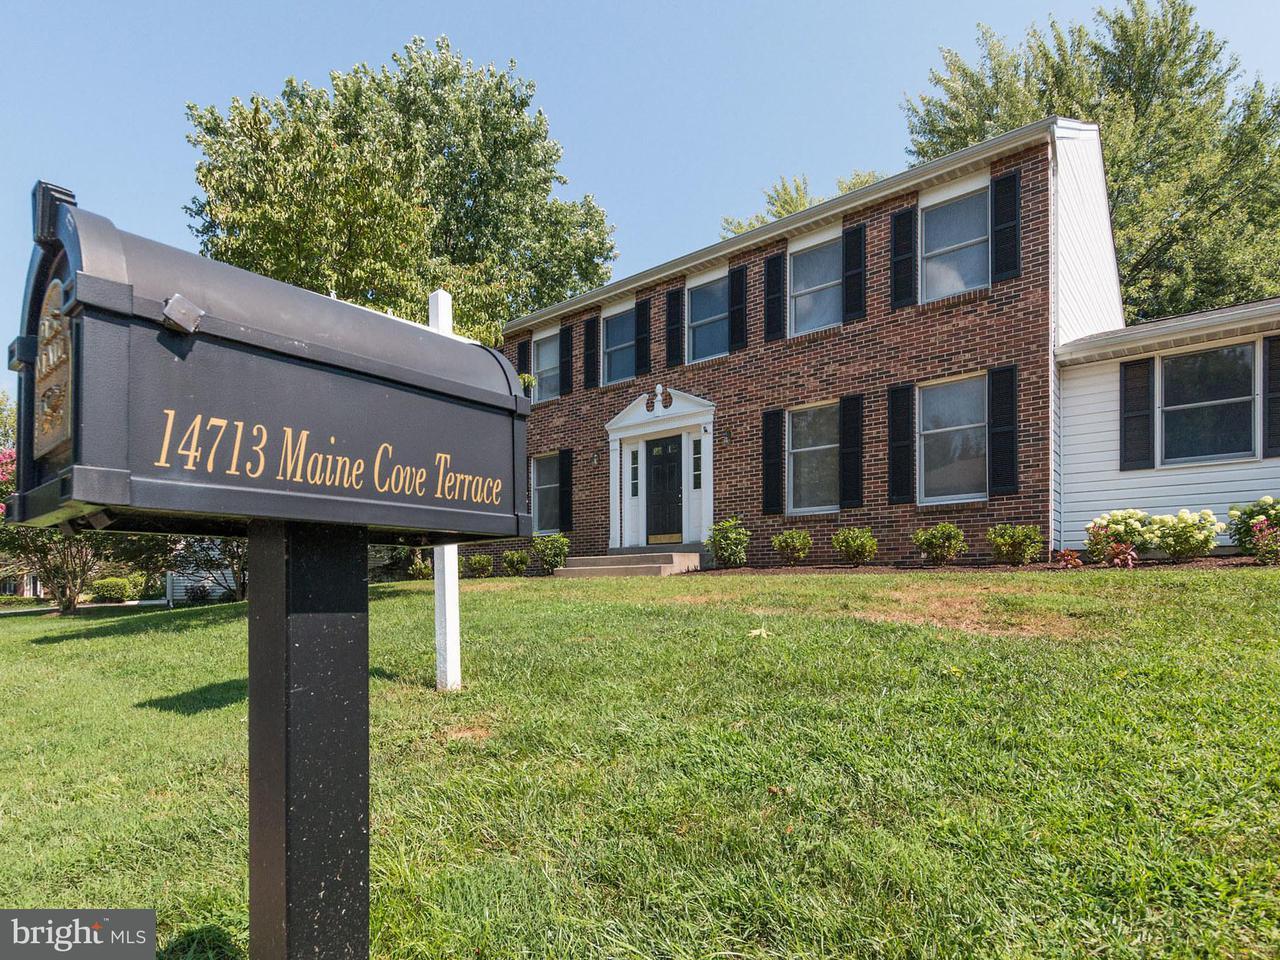 Maison unifamiliale pour l Vente à 14713 MAINE COVE TER 14713 MAINE COVE TER North Potomac, Maryland 20878 États-Unis